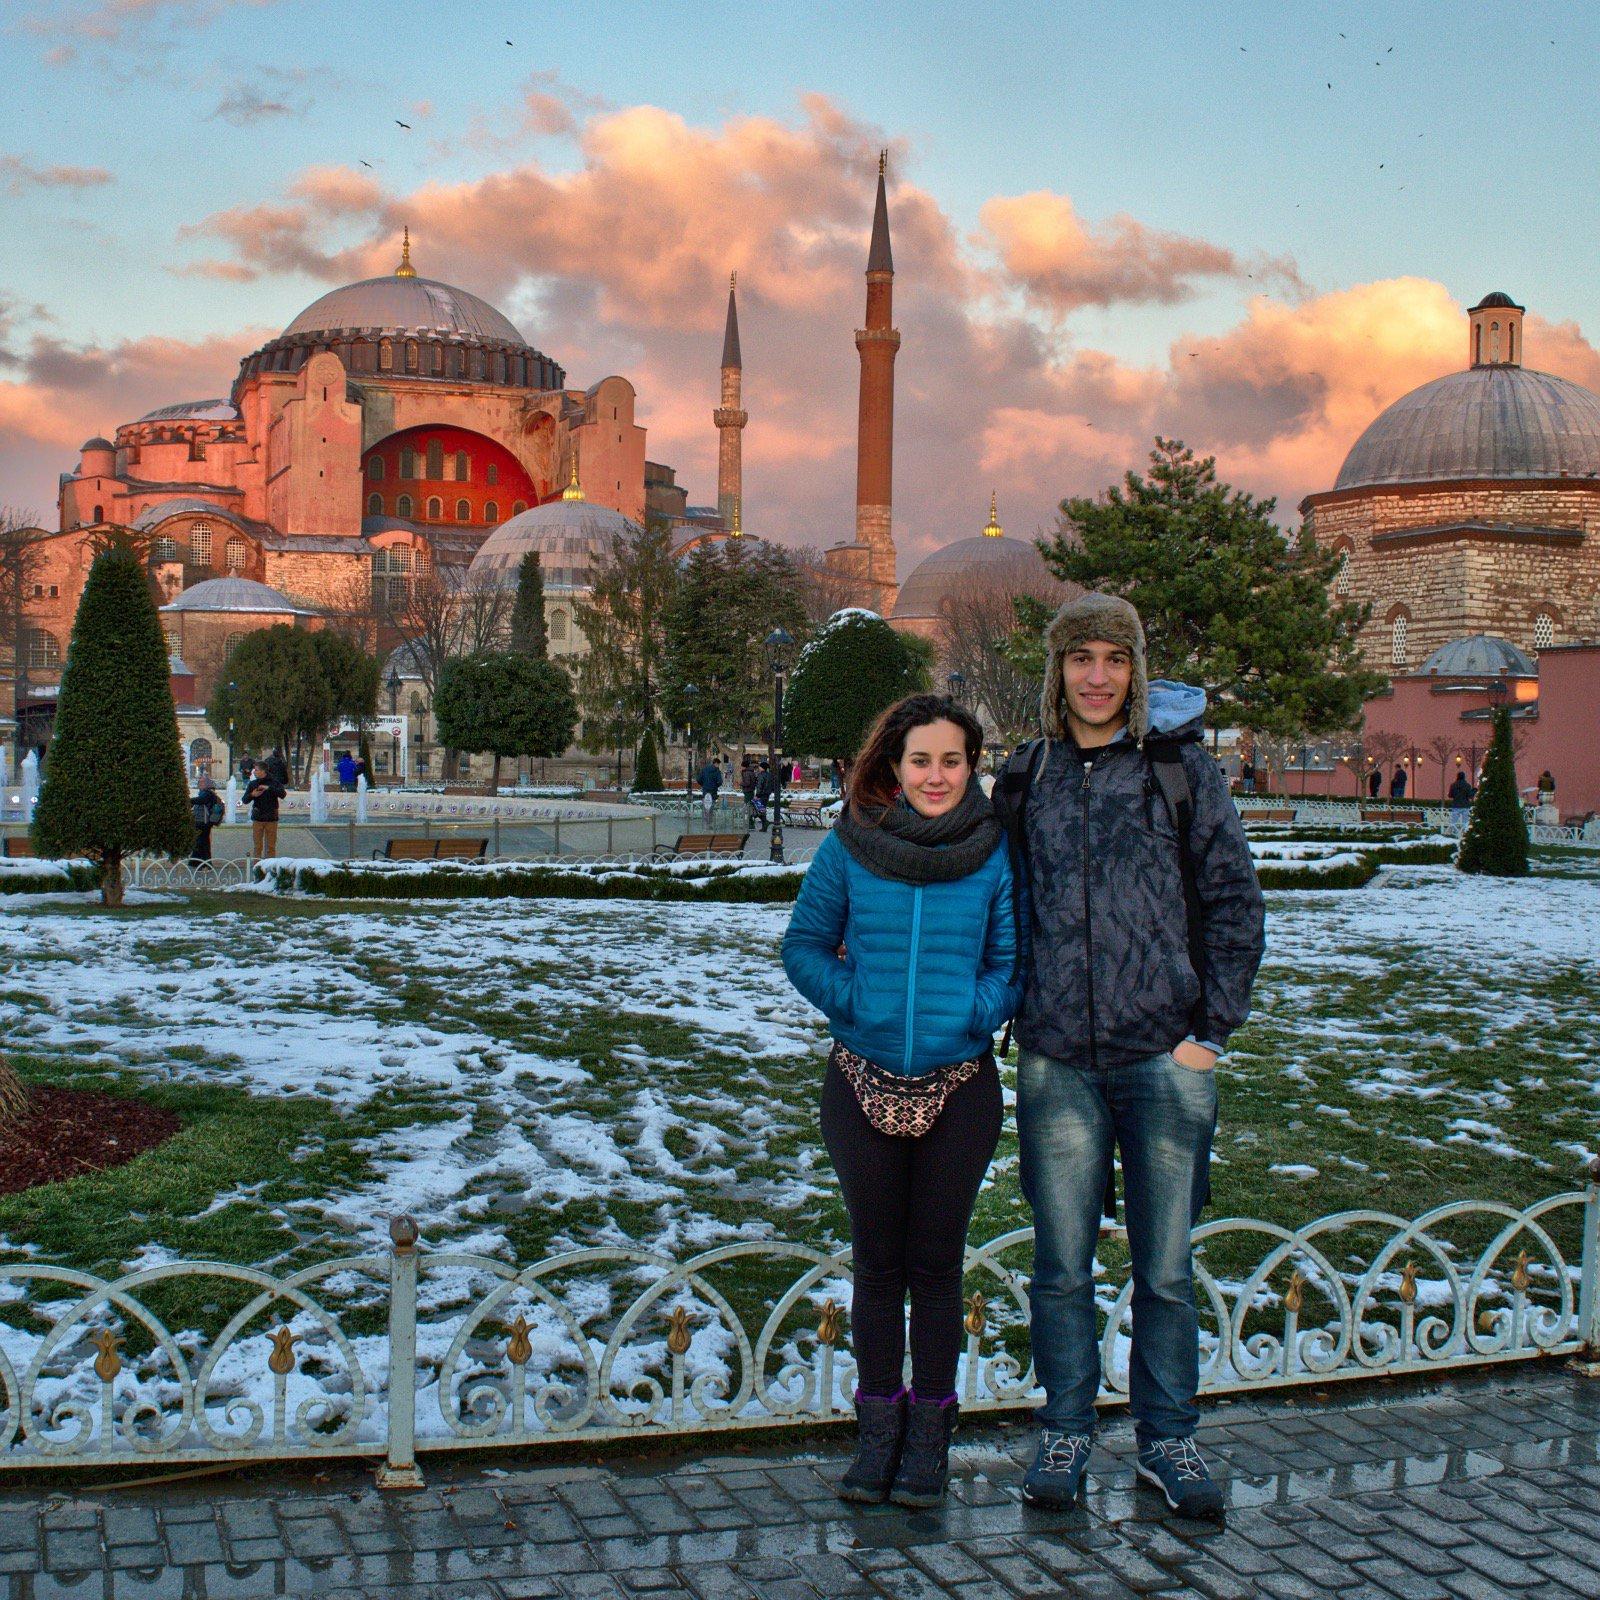 La pareja nómada en Estambul